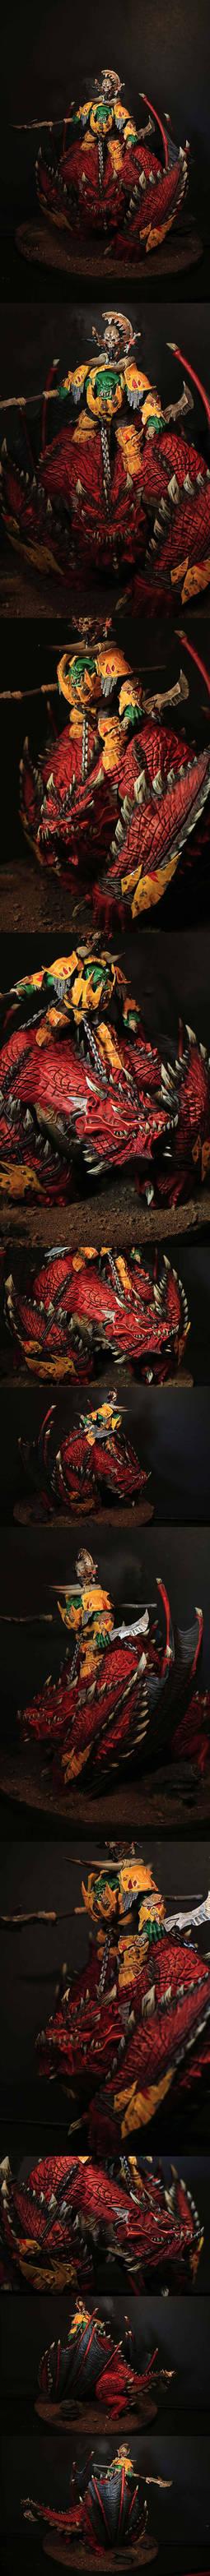 Orruk Maw-Krusha - Warhammer by MushaMurron